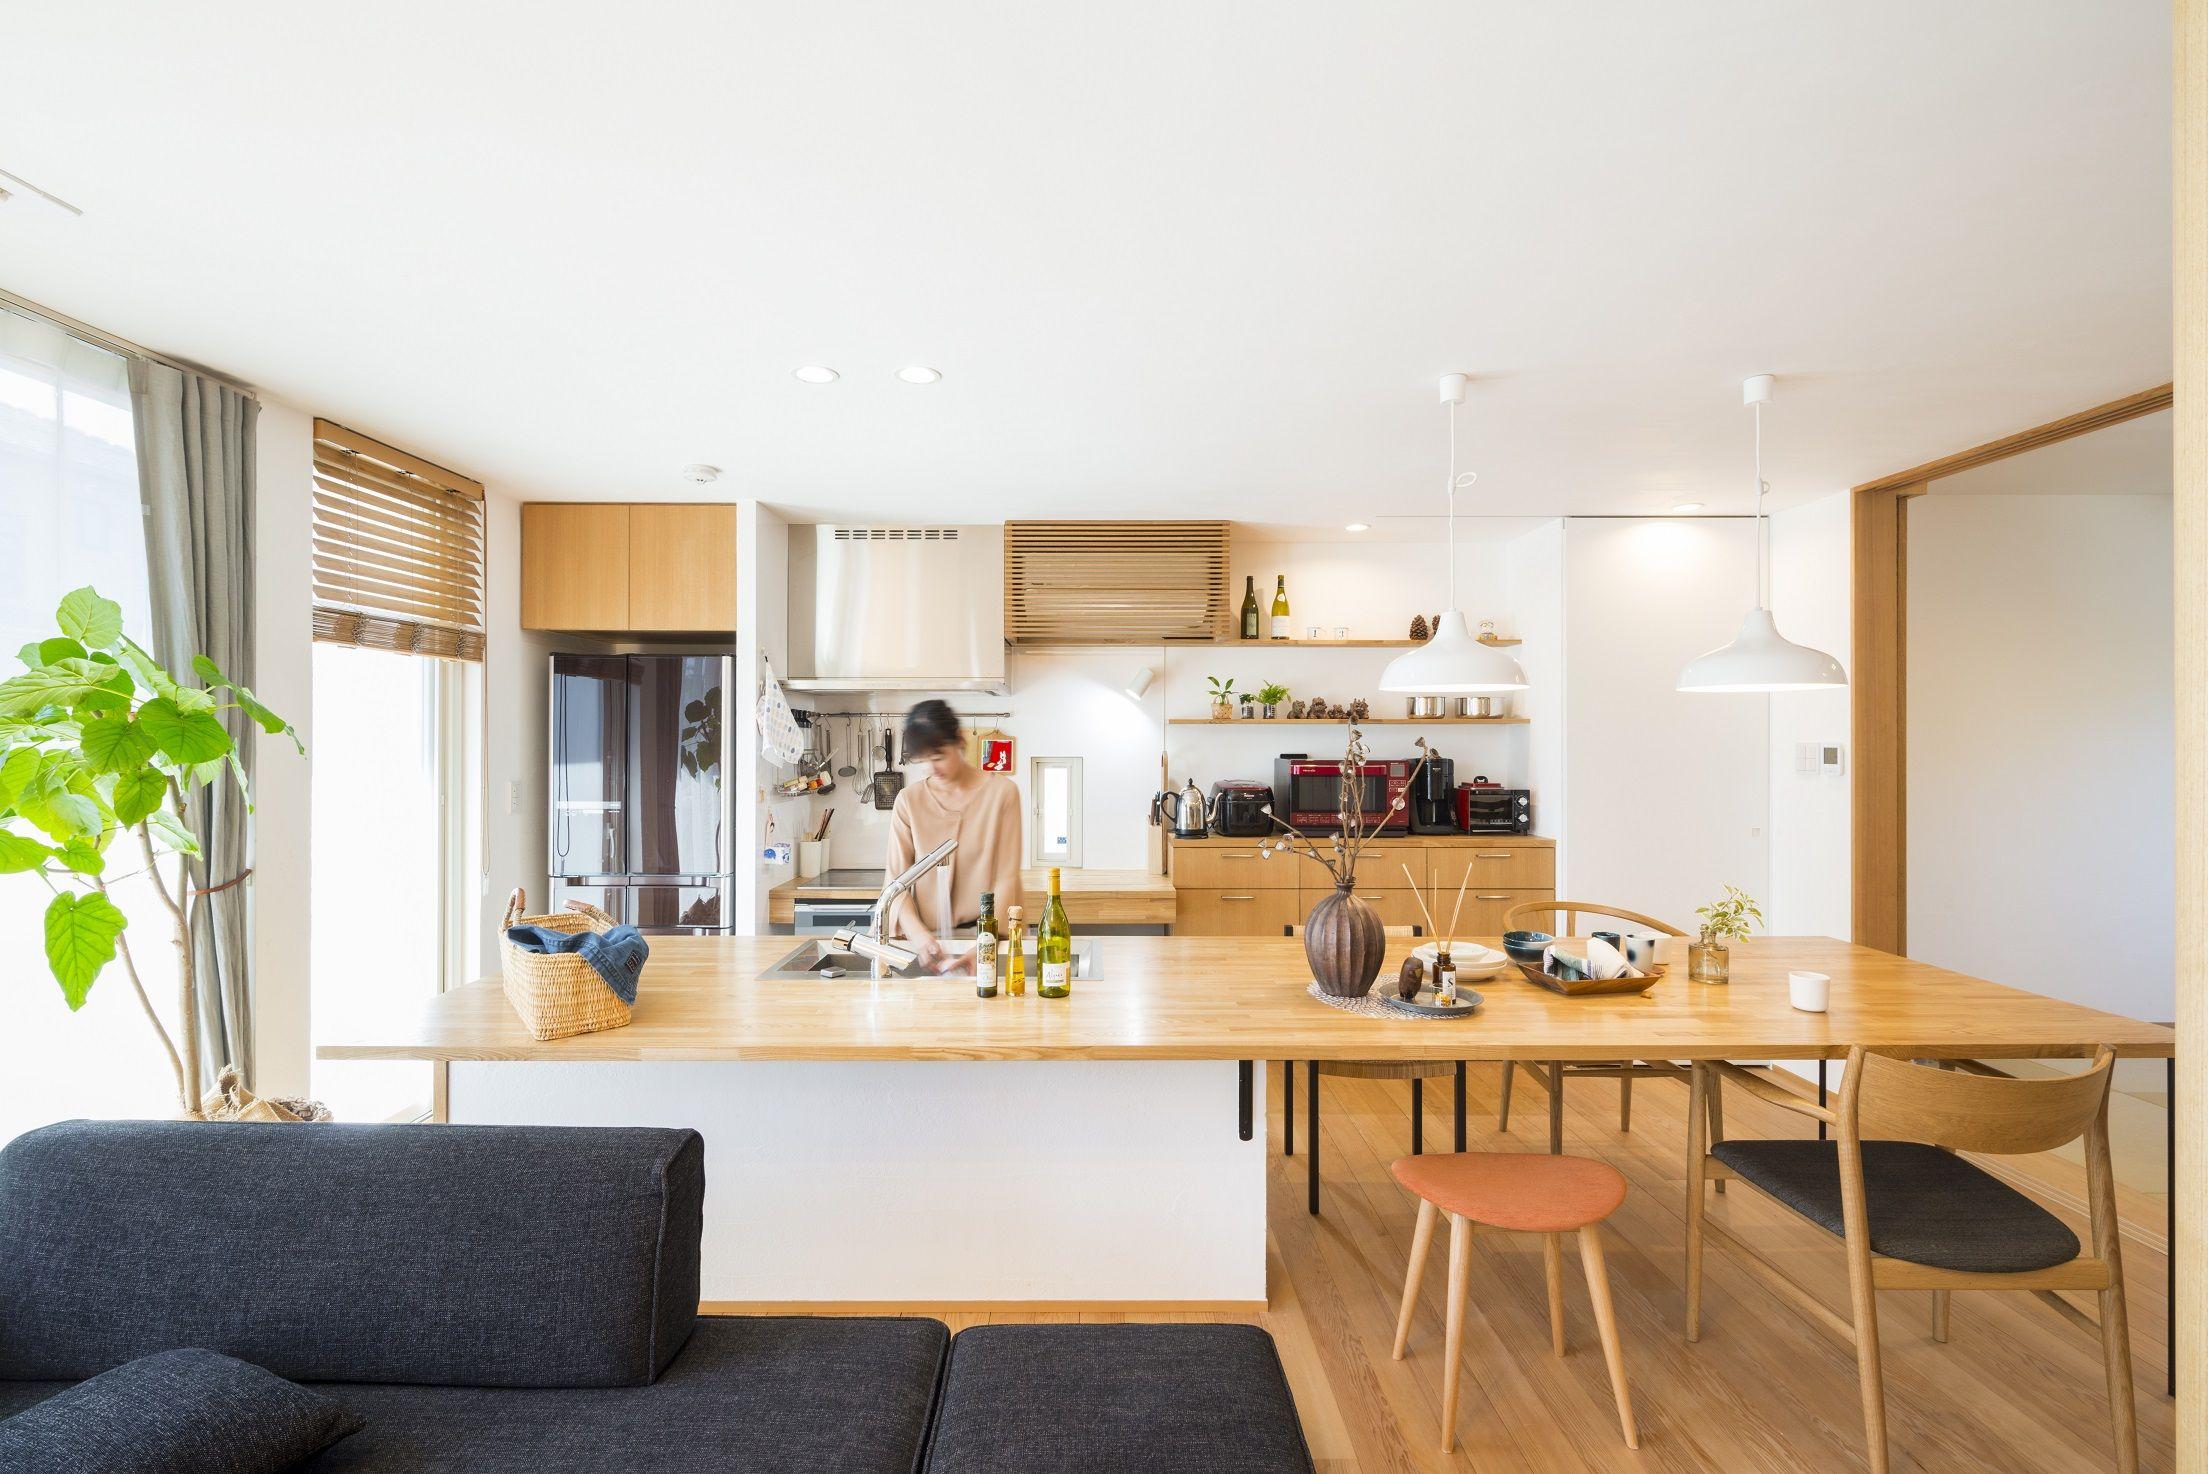 キッチンにみんなで料理したり作業したり 勉強できたりするくらい広い作業台がほしい キッチンとダイニングデーブルを一体 に 作業台を兼ねられるよう造作しました キッチンの中が見えていませんが キッチンとダイニングテーブルの高さが合うようにキッチンの床が